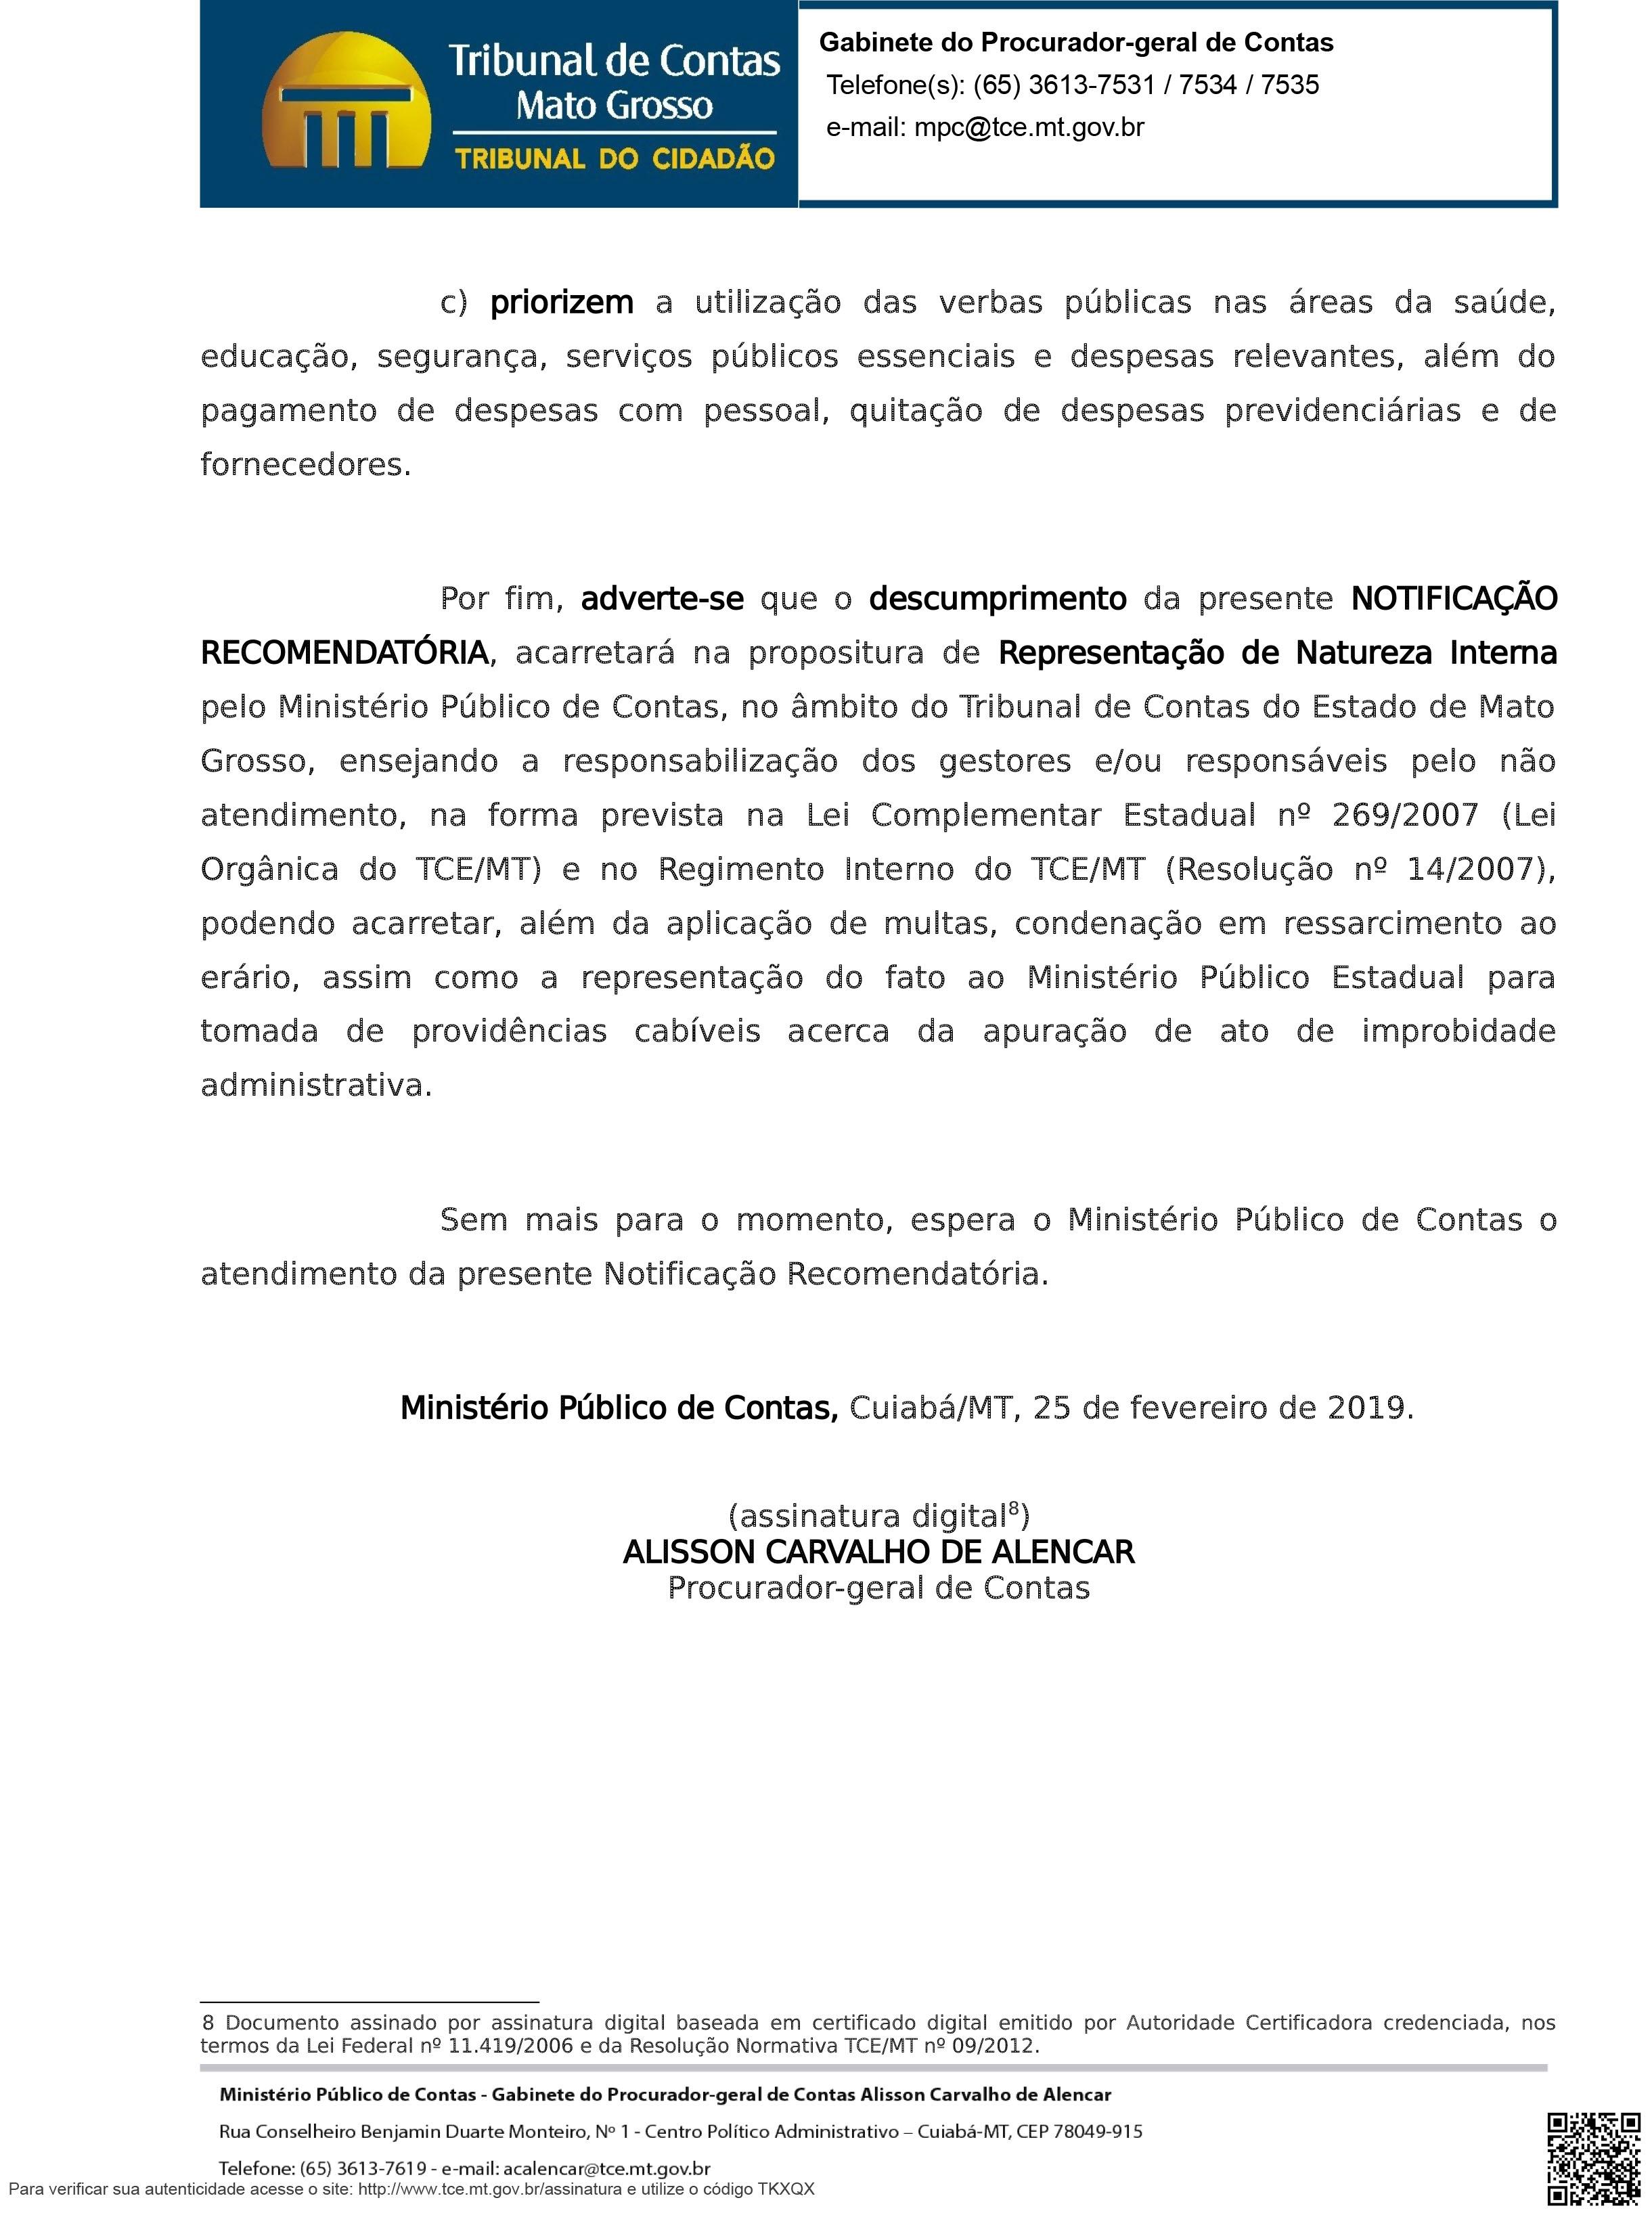 OFÍCIO CIRCULAR 01-2019 FESTIVIDADES DE CARNAVAL-7